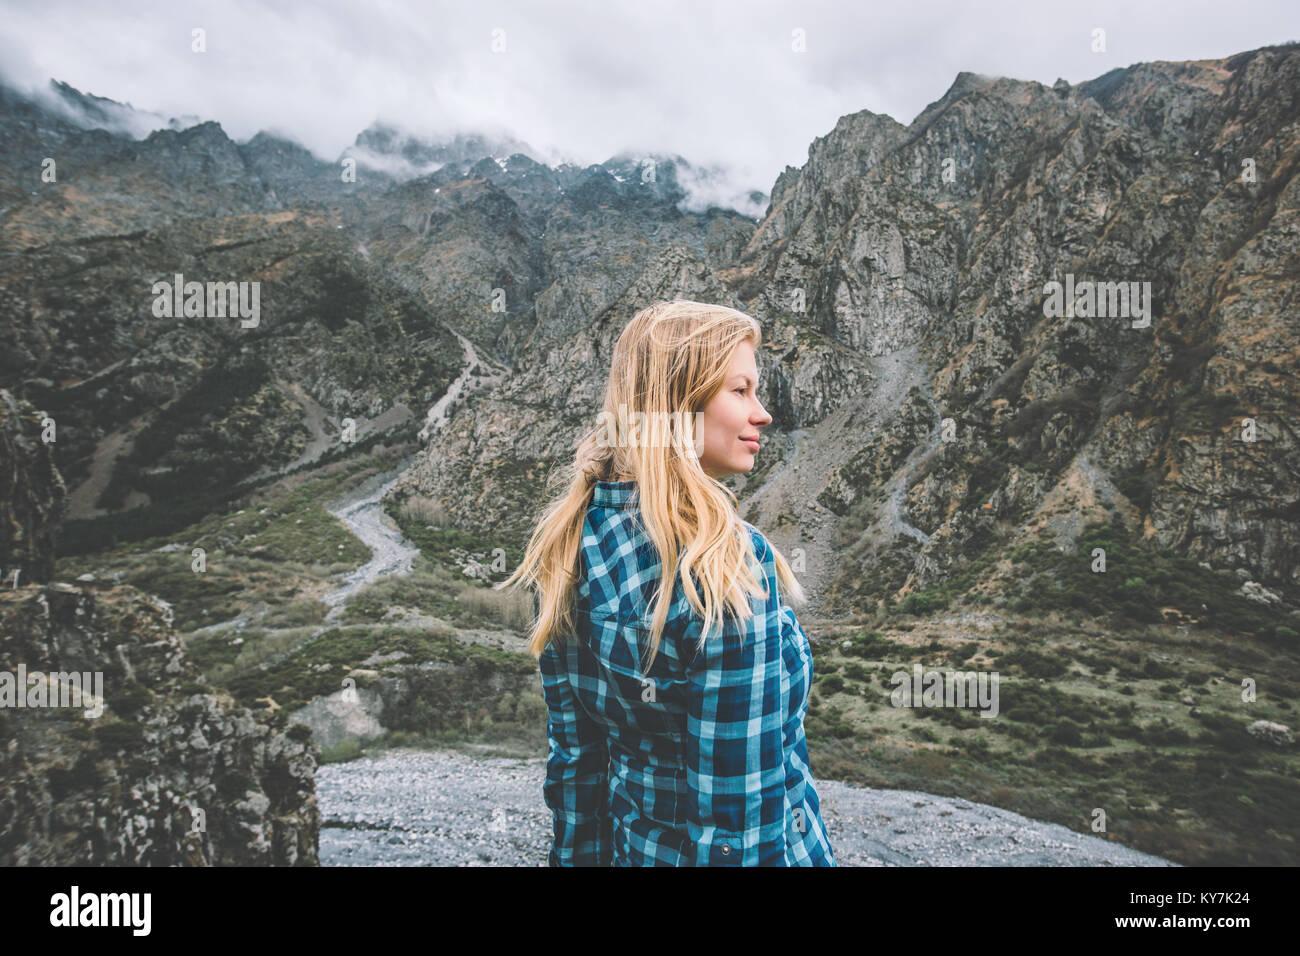 Touriste voyageant dans les montagnes brumeuses concept de vie vacances d'aventure outdoor Photo Stock